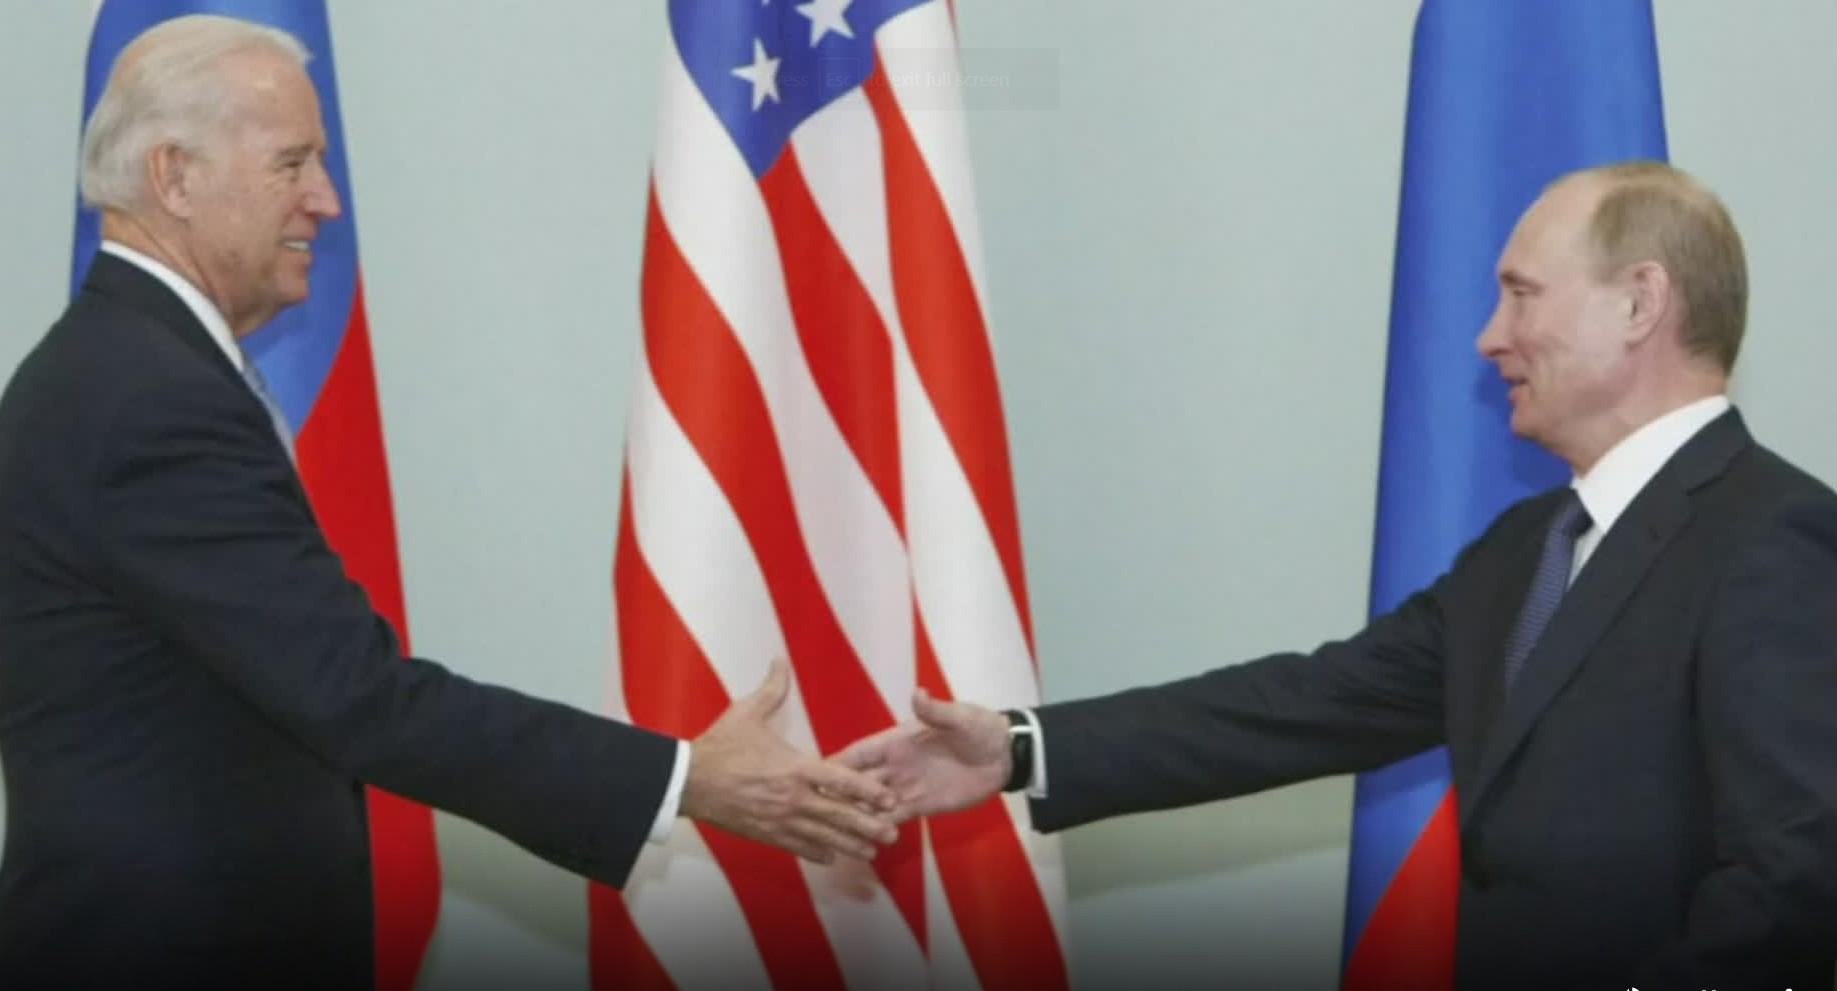 KLIF Morning News: Biden Snaps At Reporter, But What About Putin?